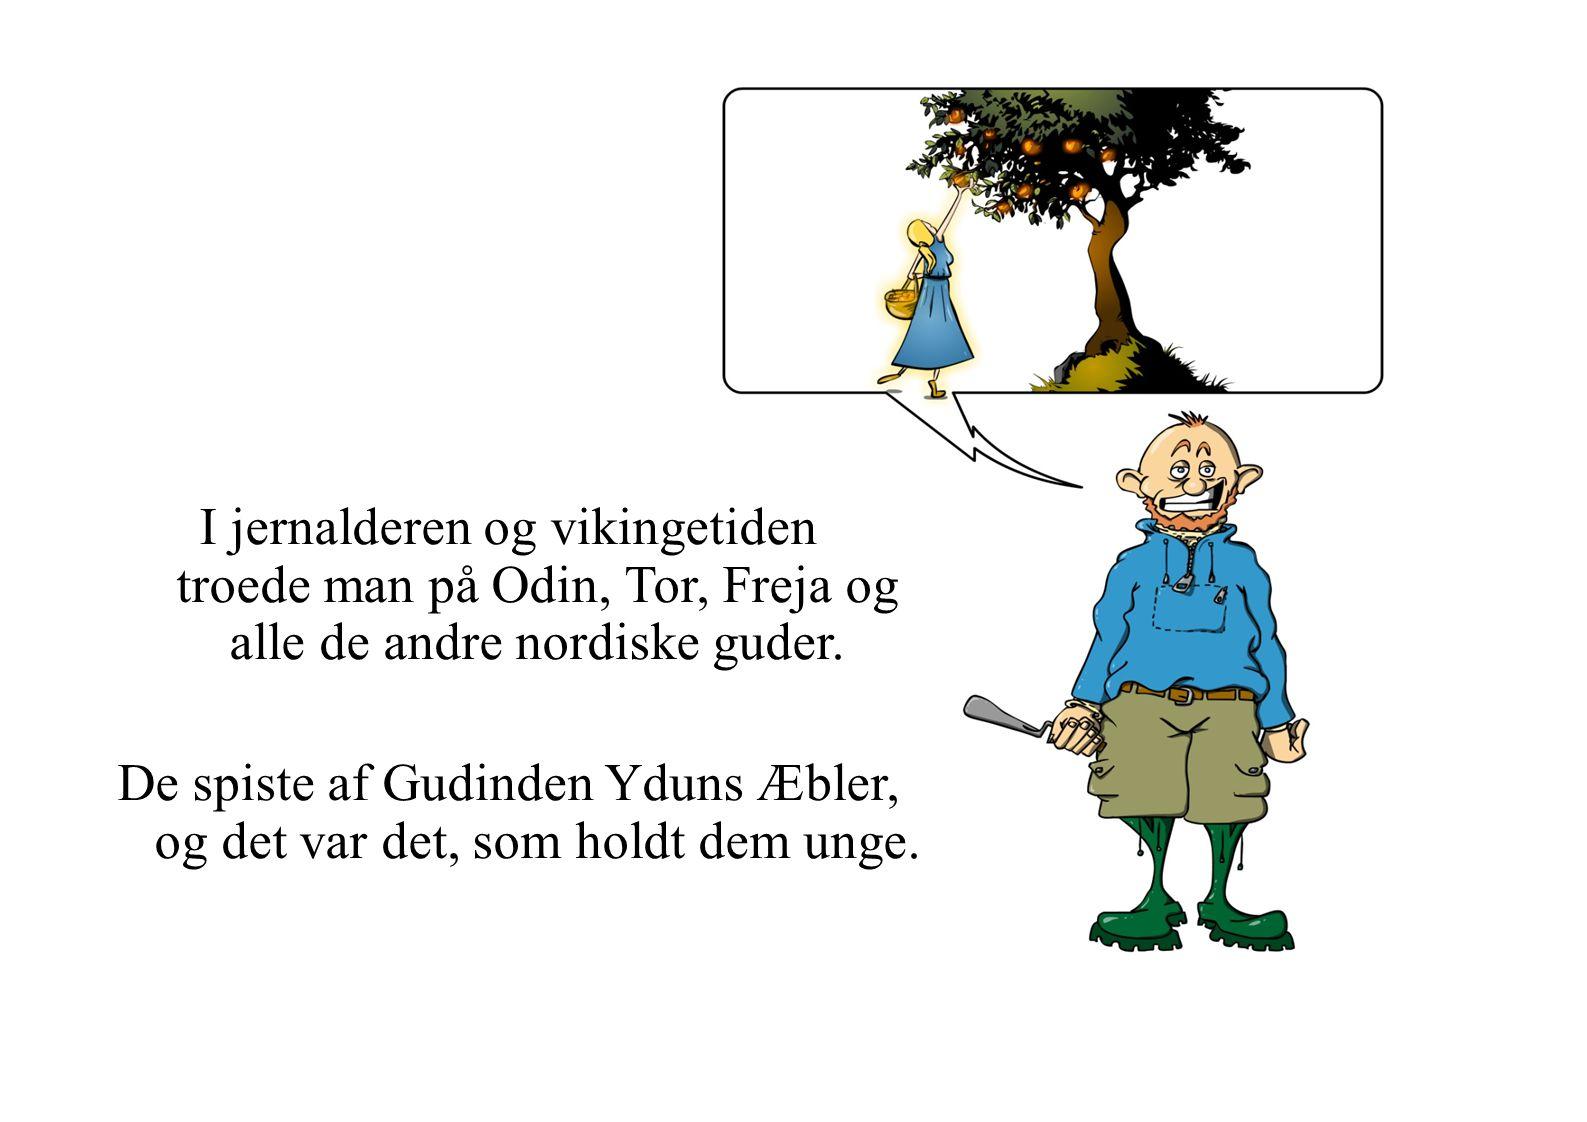 De spiste af Gudinden Yduns Æbler, og det var det, som holdt dem unge.